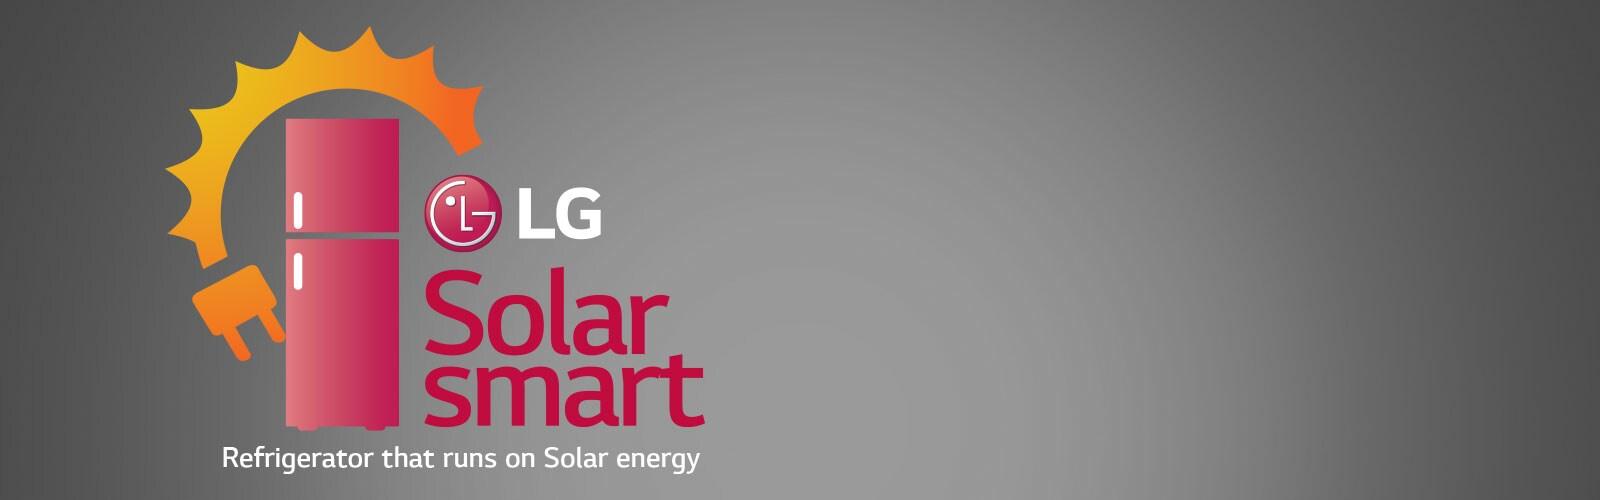 LG GL-T302RPZY 284 Ltr Solar Smart